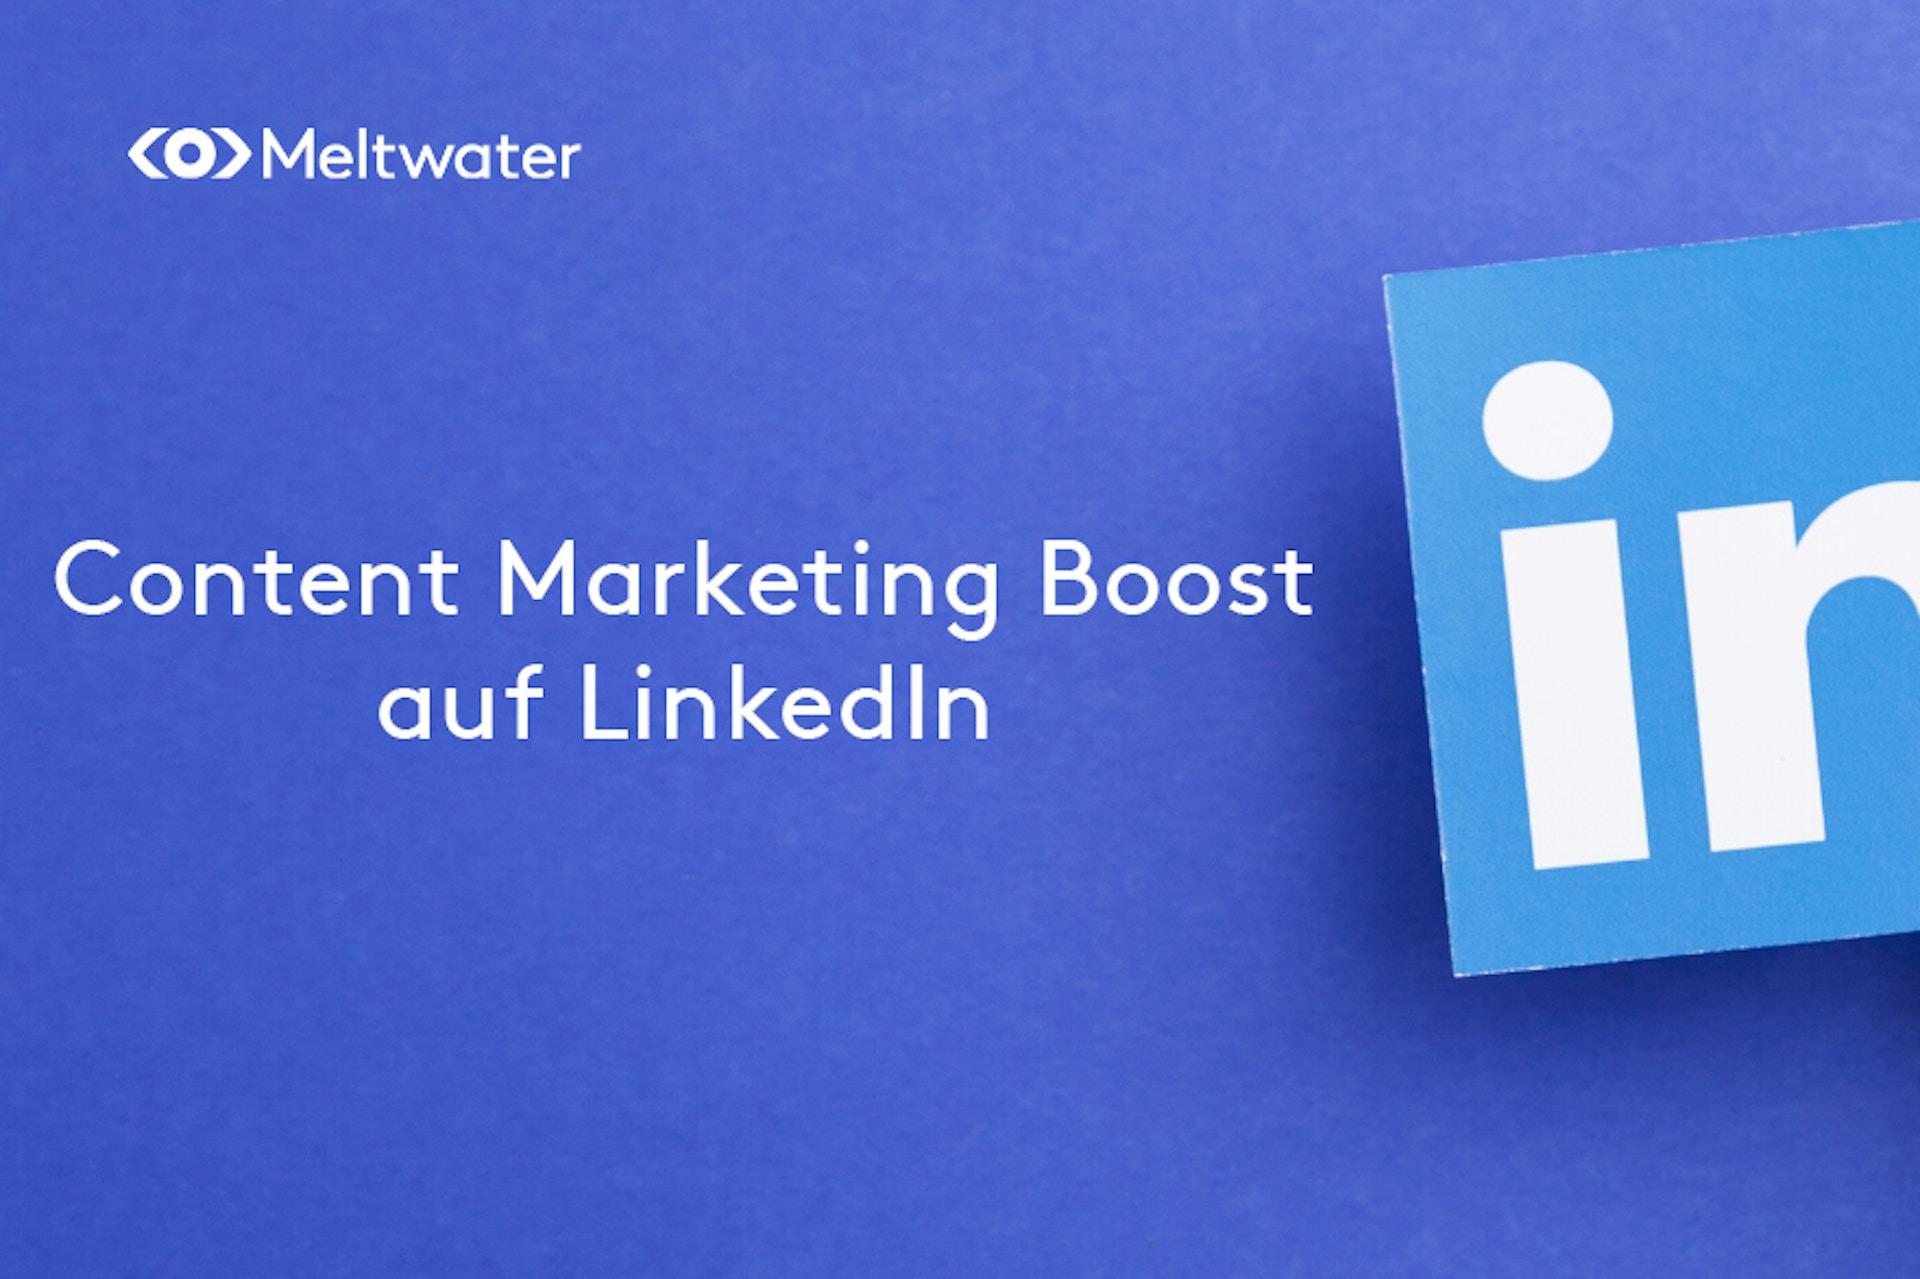 Content Marketing Boost auf LinkedIn